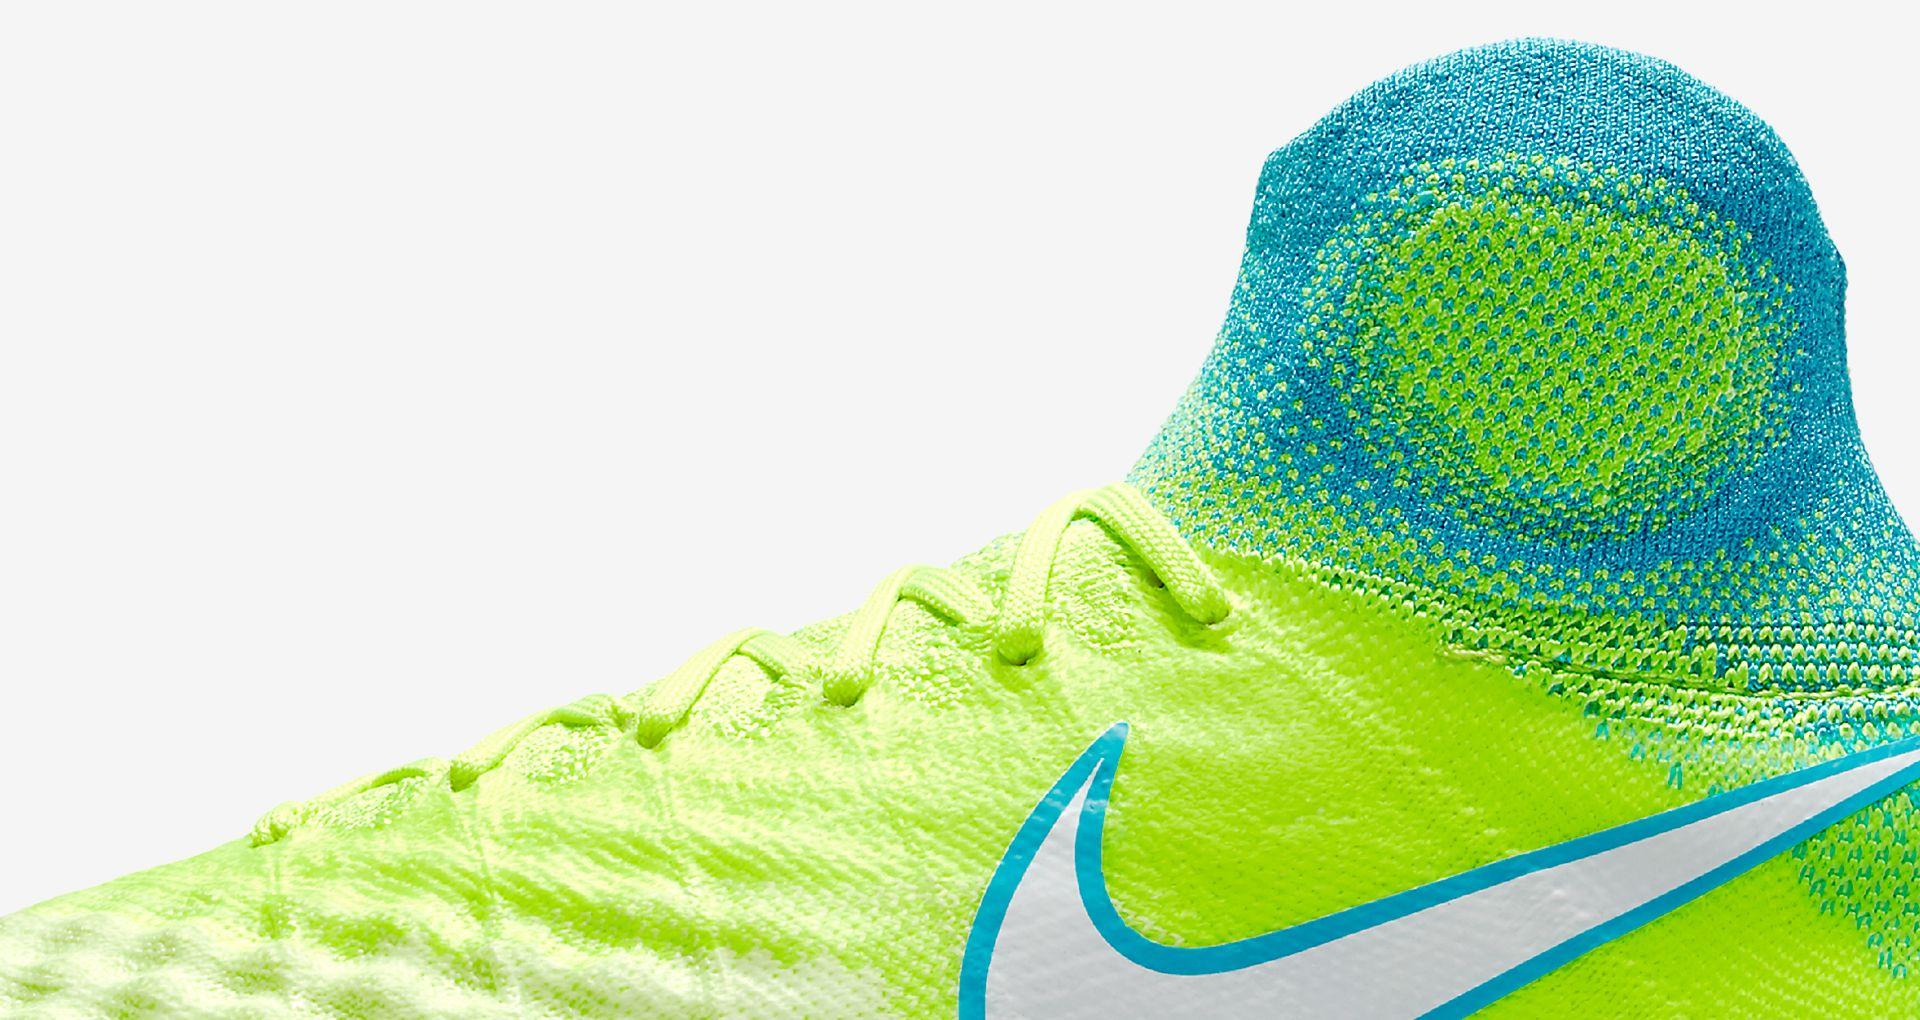 09ee0744b39f Nike Women's Magista Obra 2 'Motion Blur'. Nike.com